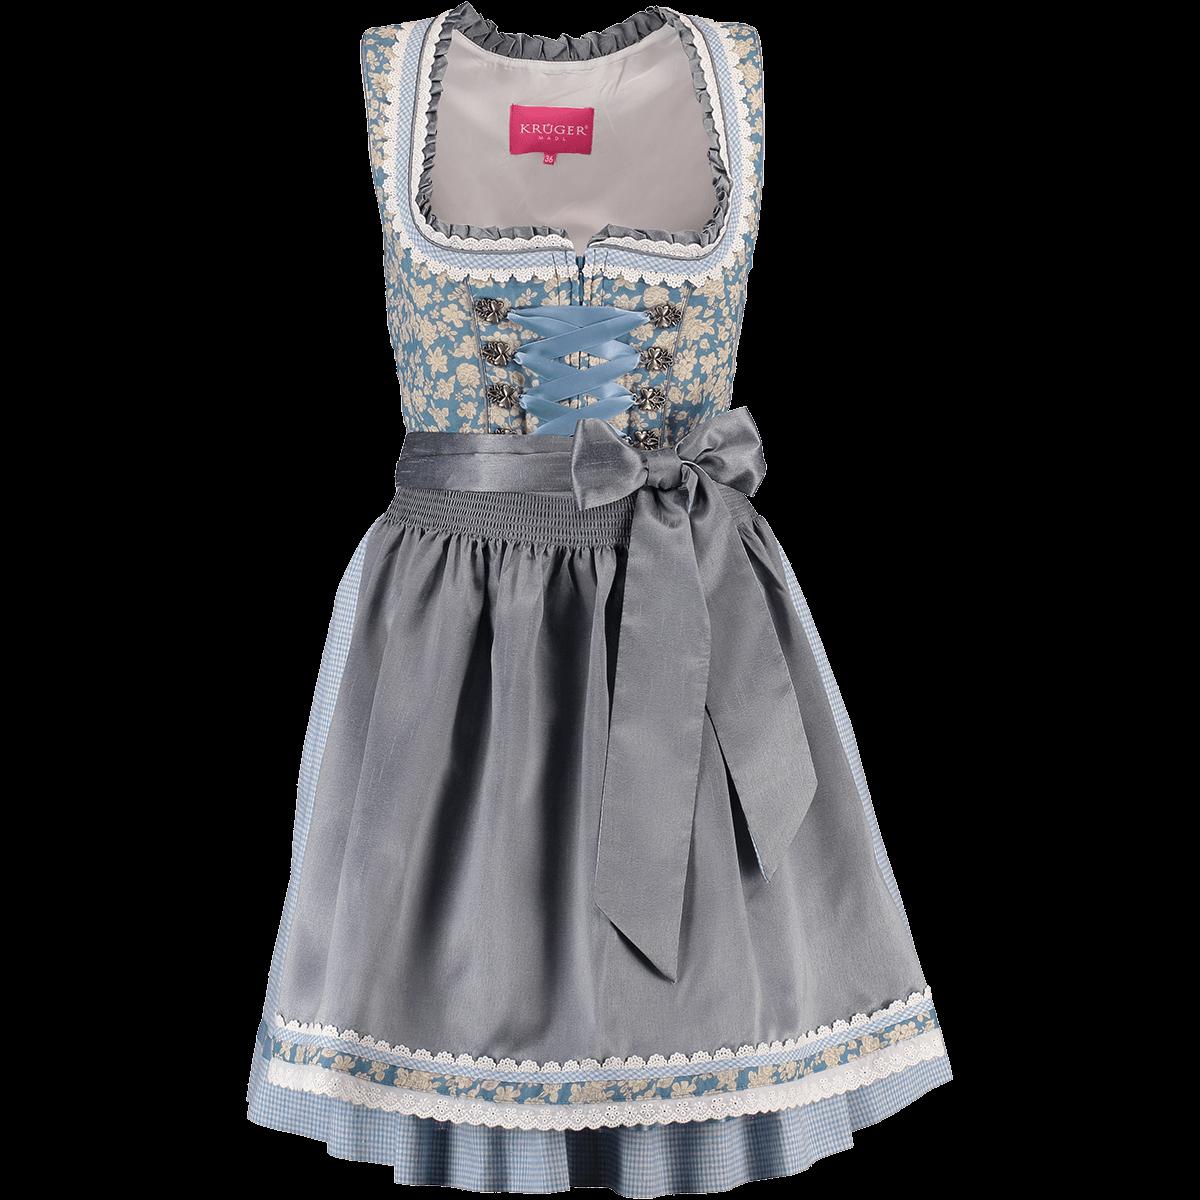 37887d5f5279 Krüger Dirndl kurzes Dirndl Alice blau   eisblau   Alm-Fashion